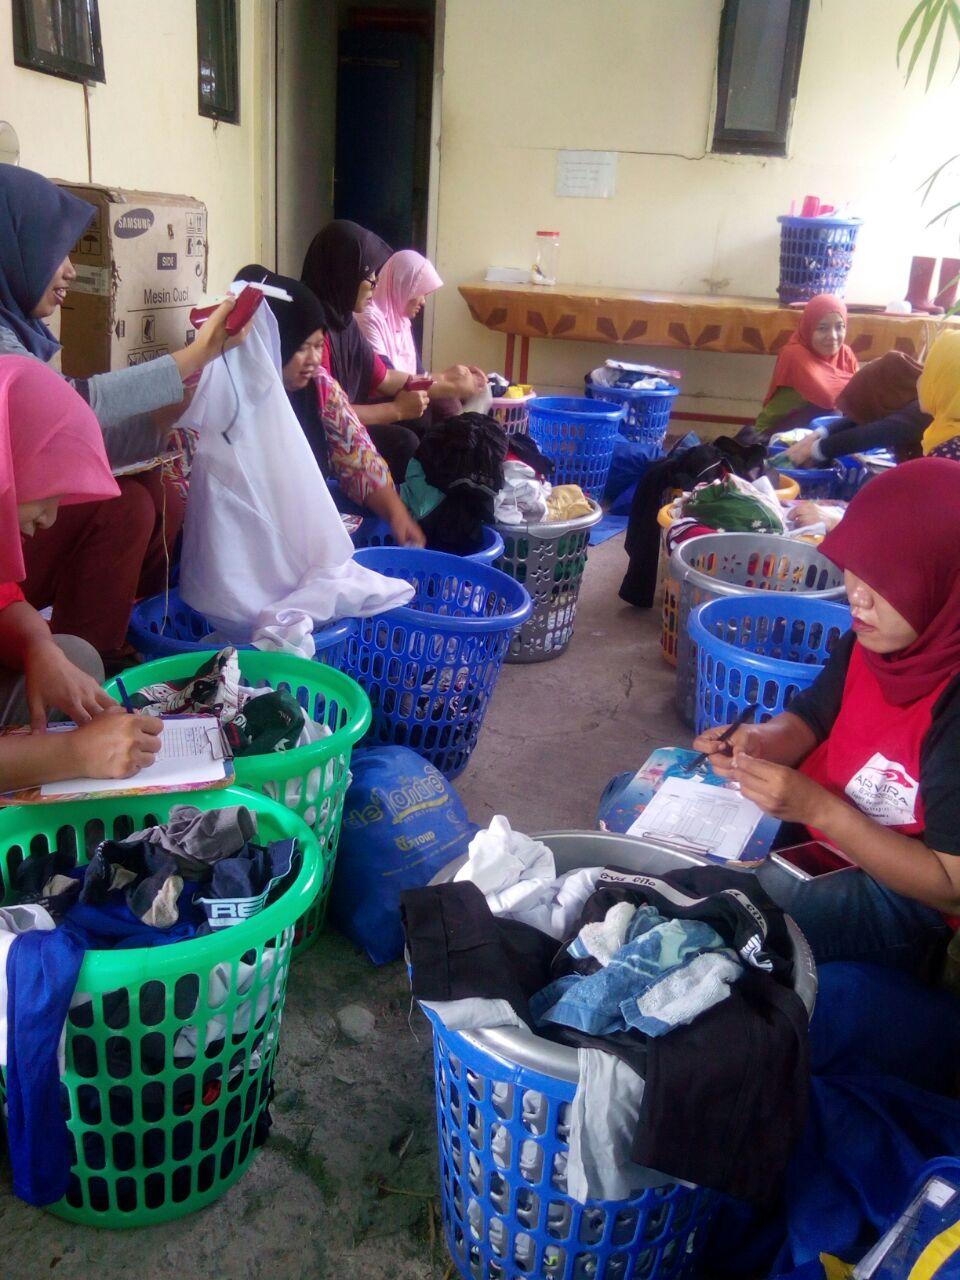 Laundry Kiloan dan Dry Cleaning Jatiwaringin dan Pondok Gede Bekasi